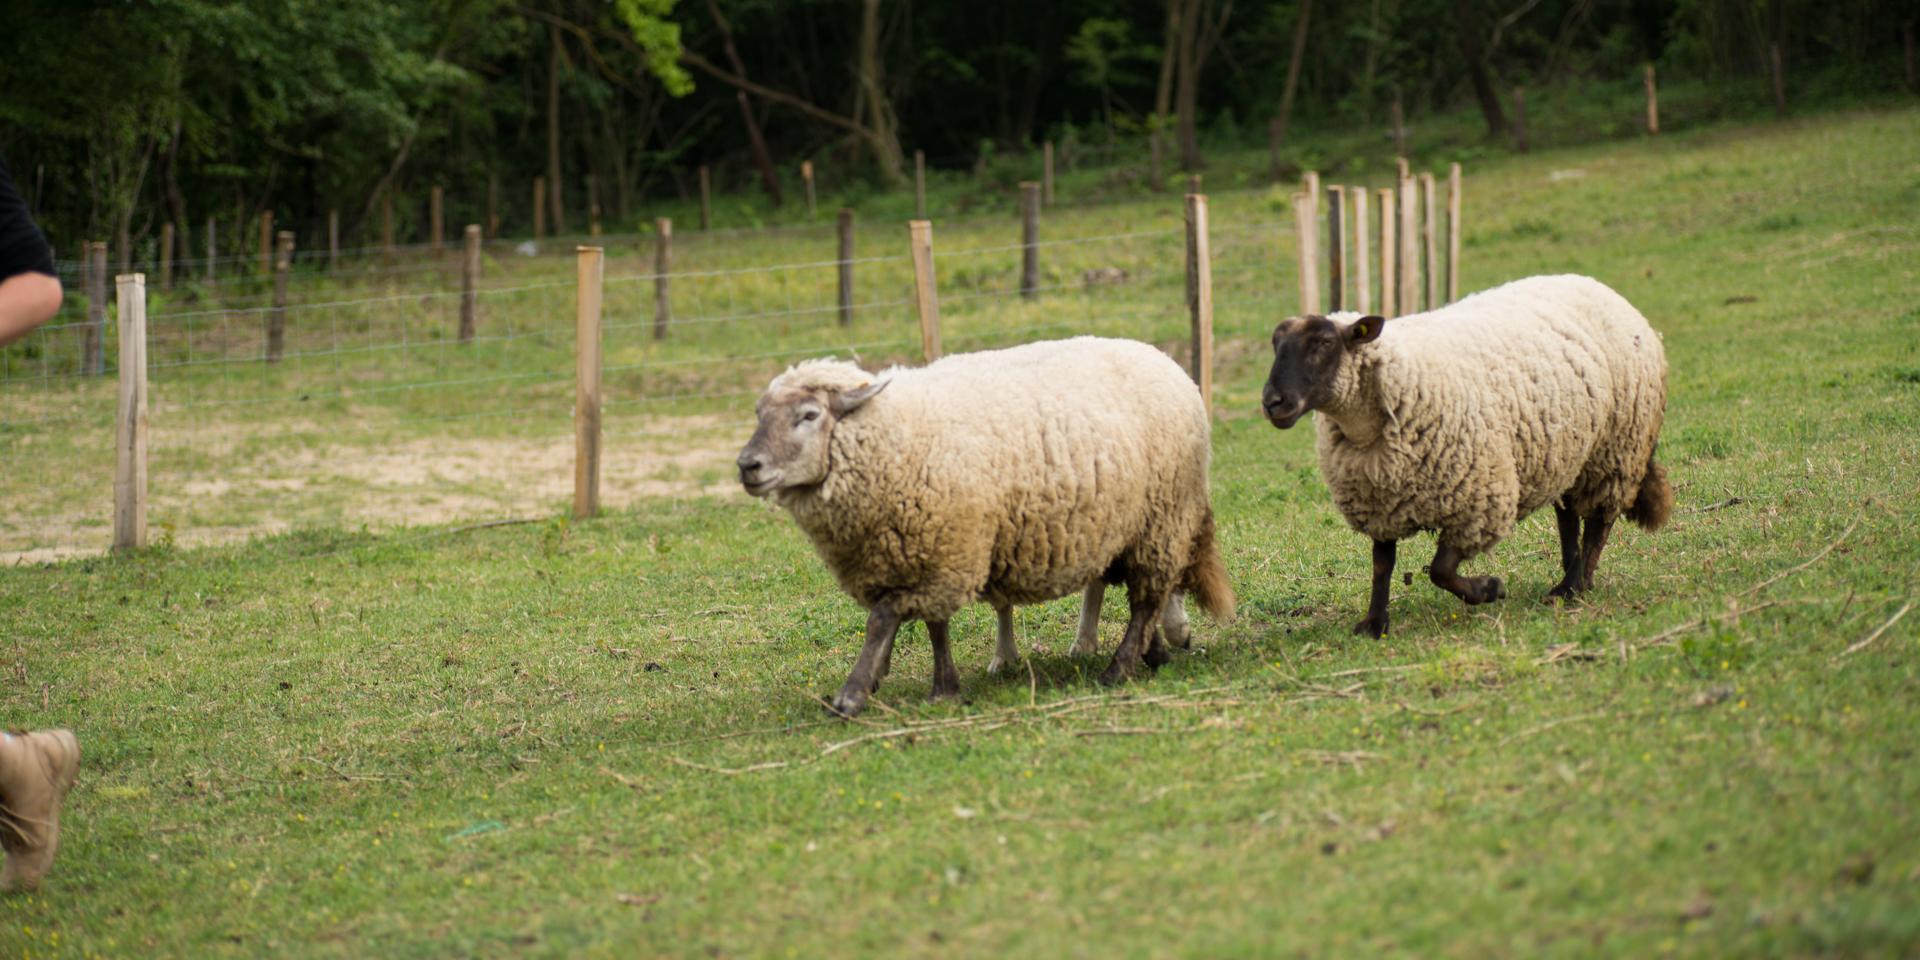 Moutons - Entrainement chien de berger du 12 juin 2018